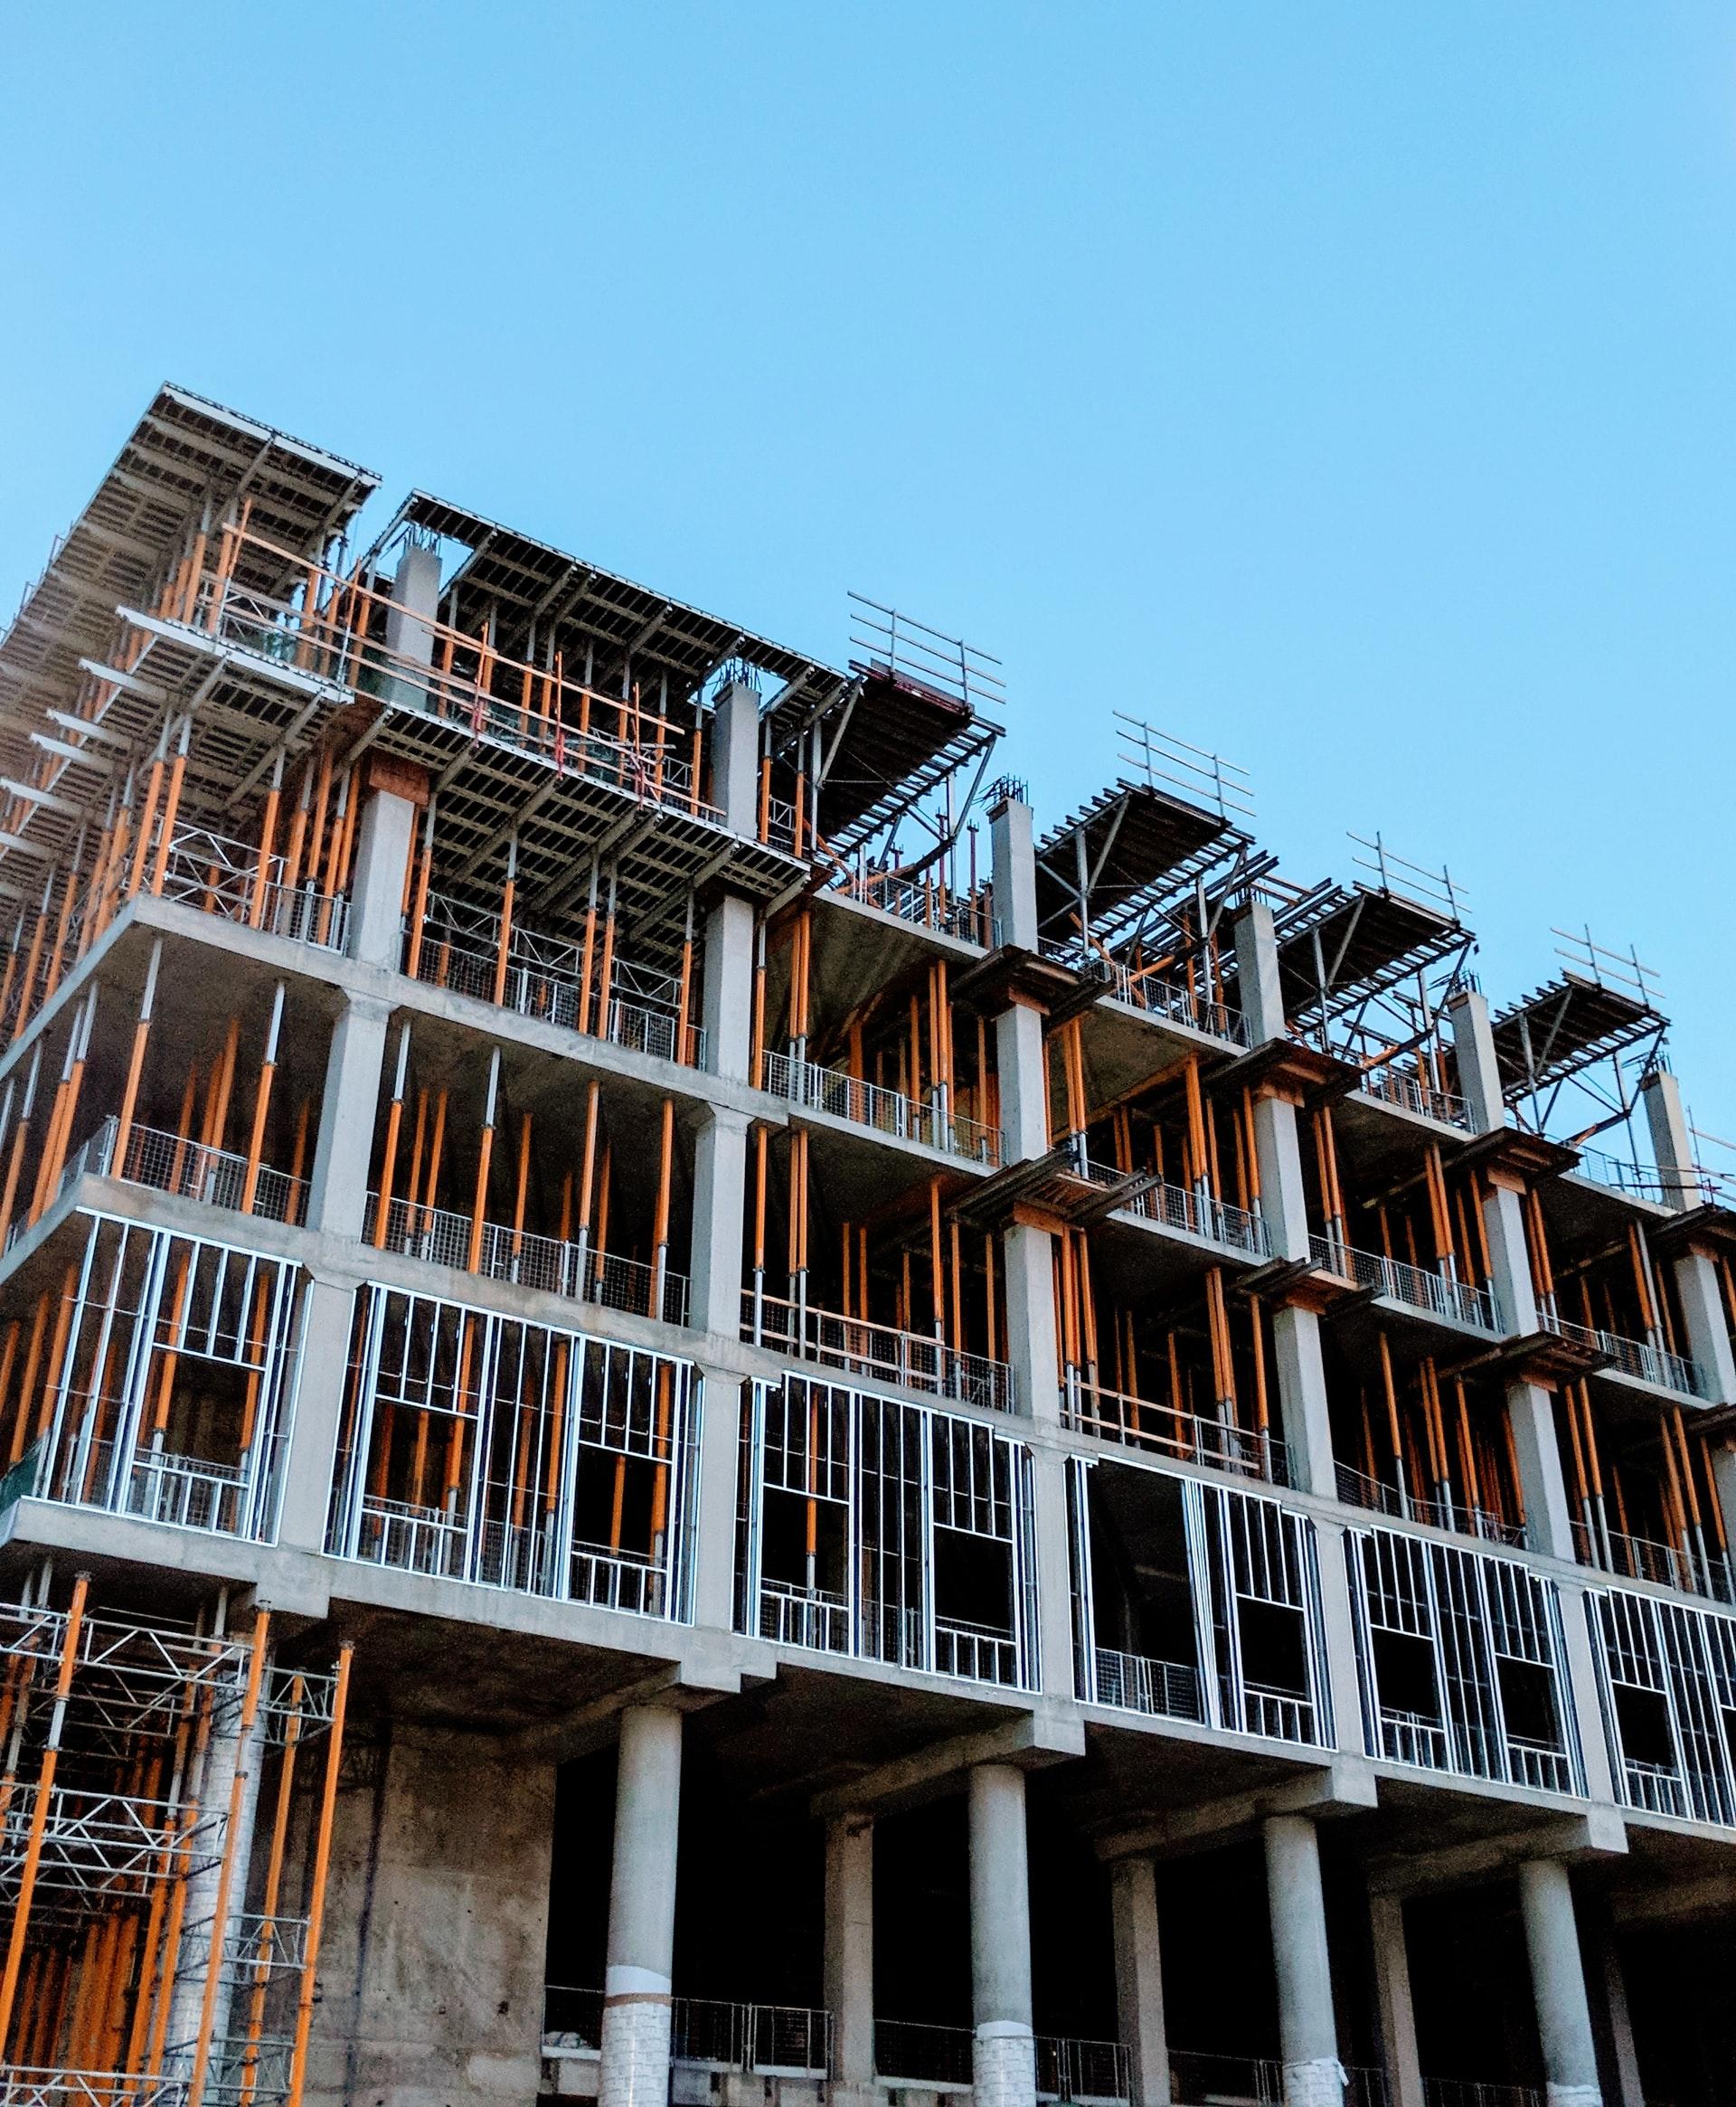 Edificio en construcción en el que se ve la estructura de hormigón, puntales y enconfrados